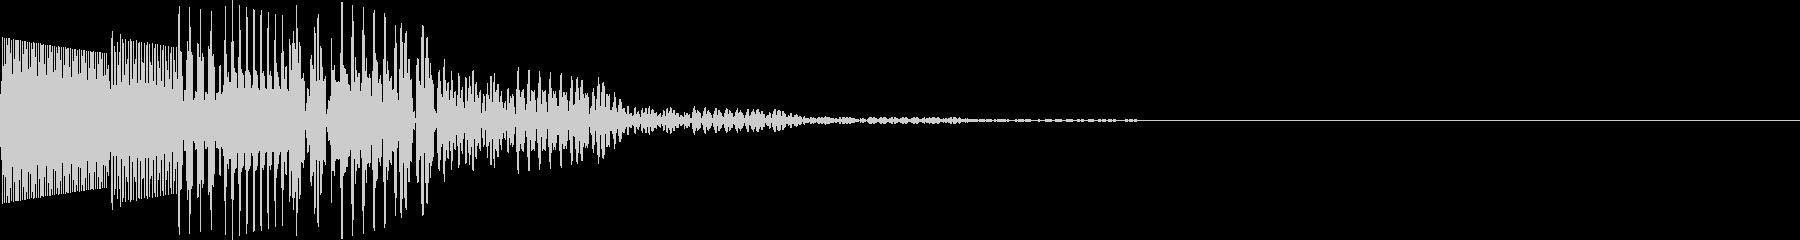 ポロロン(キャンセル、アイテム表示)の未再生の波形